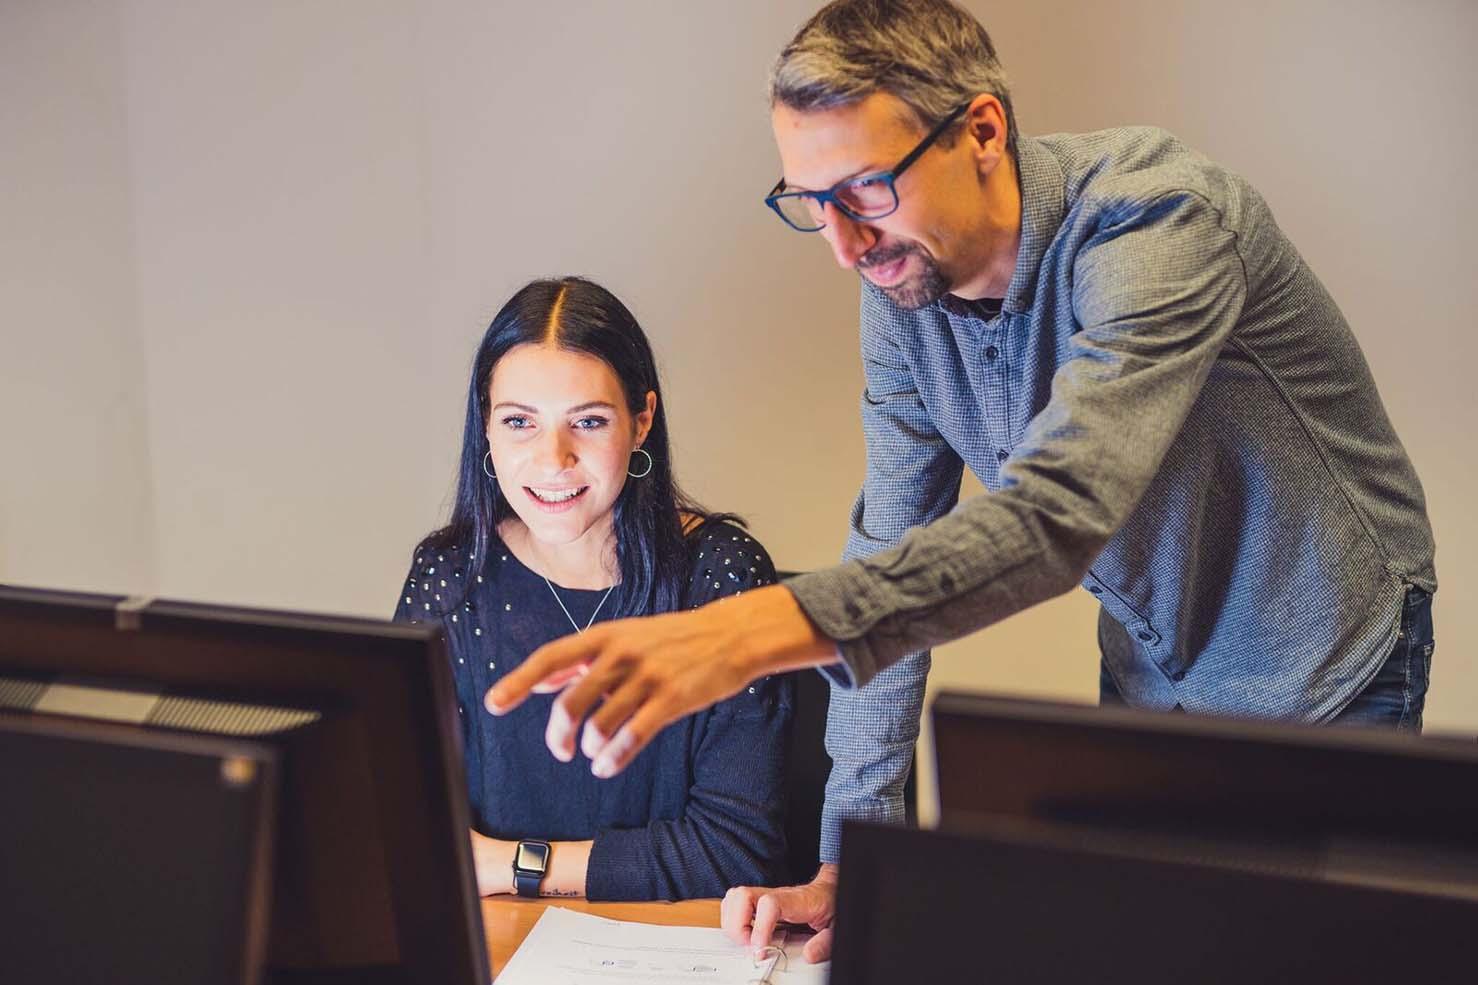 EDV Kurse für AMS, Firmen oder Privatpersonen